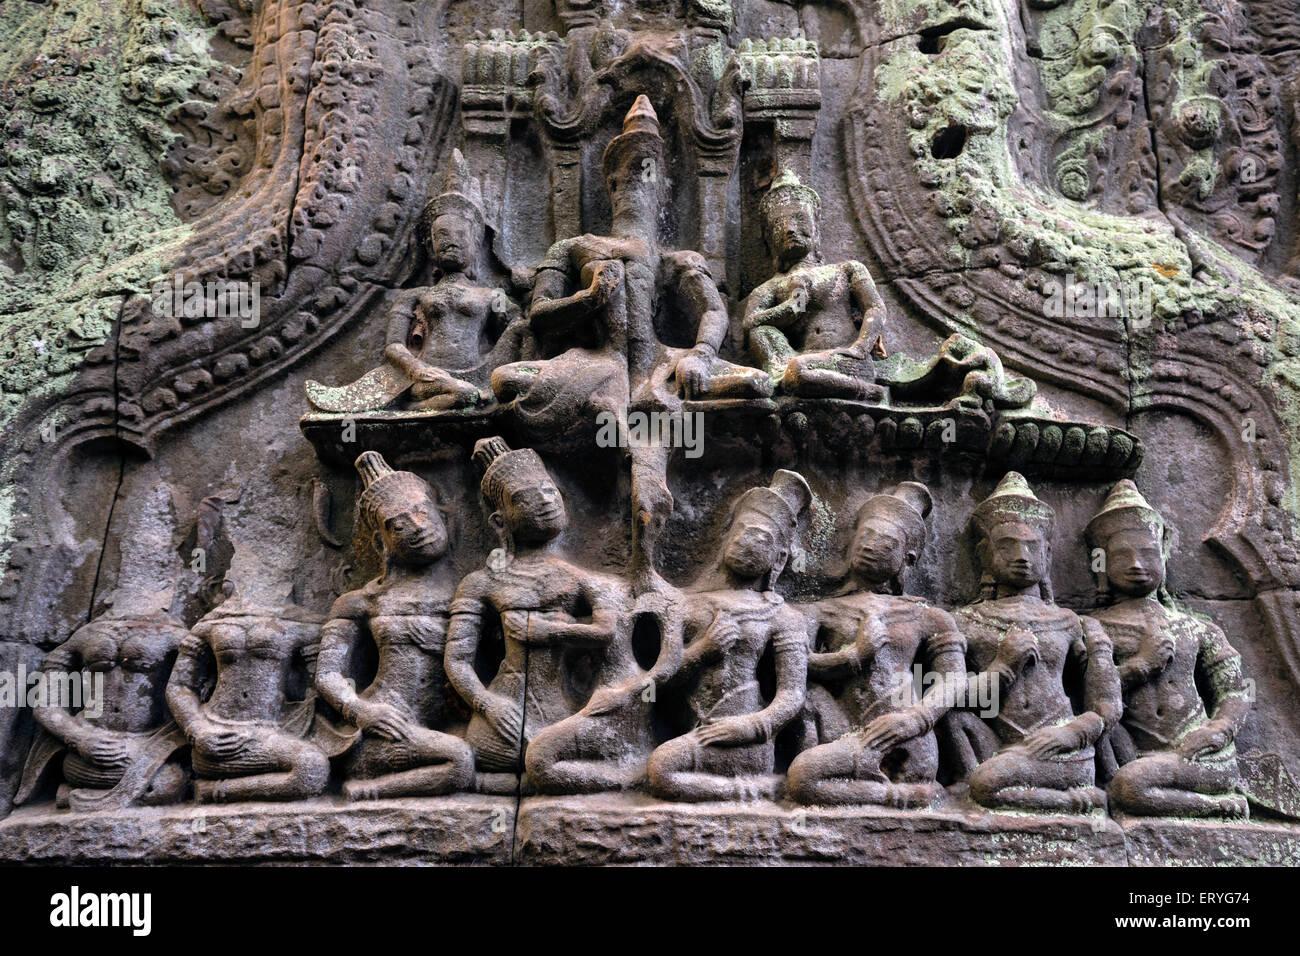 Scultura in pietra su un gopuram, Ta Prohm tempio di Angkor Thom, Siem Reap Provincia, Cambogia Immagini Stock